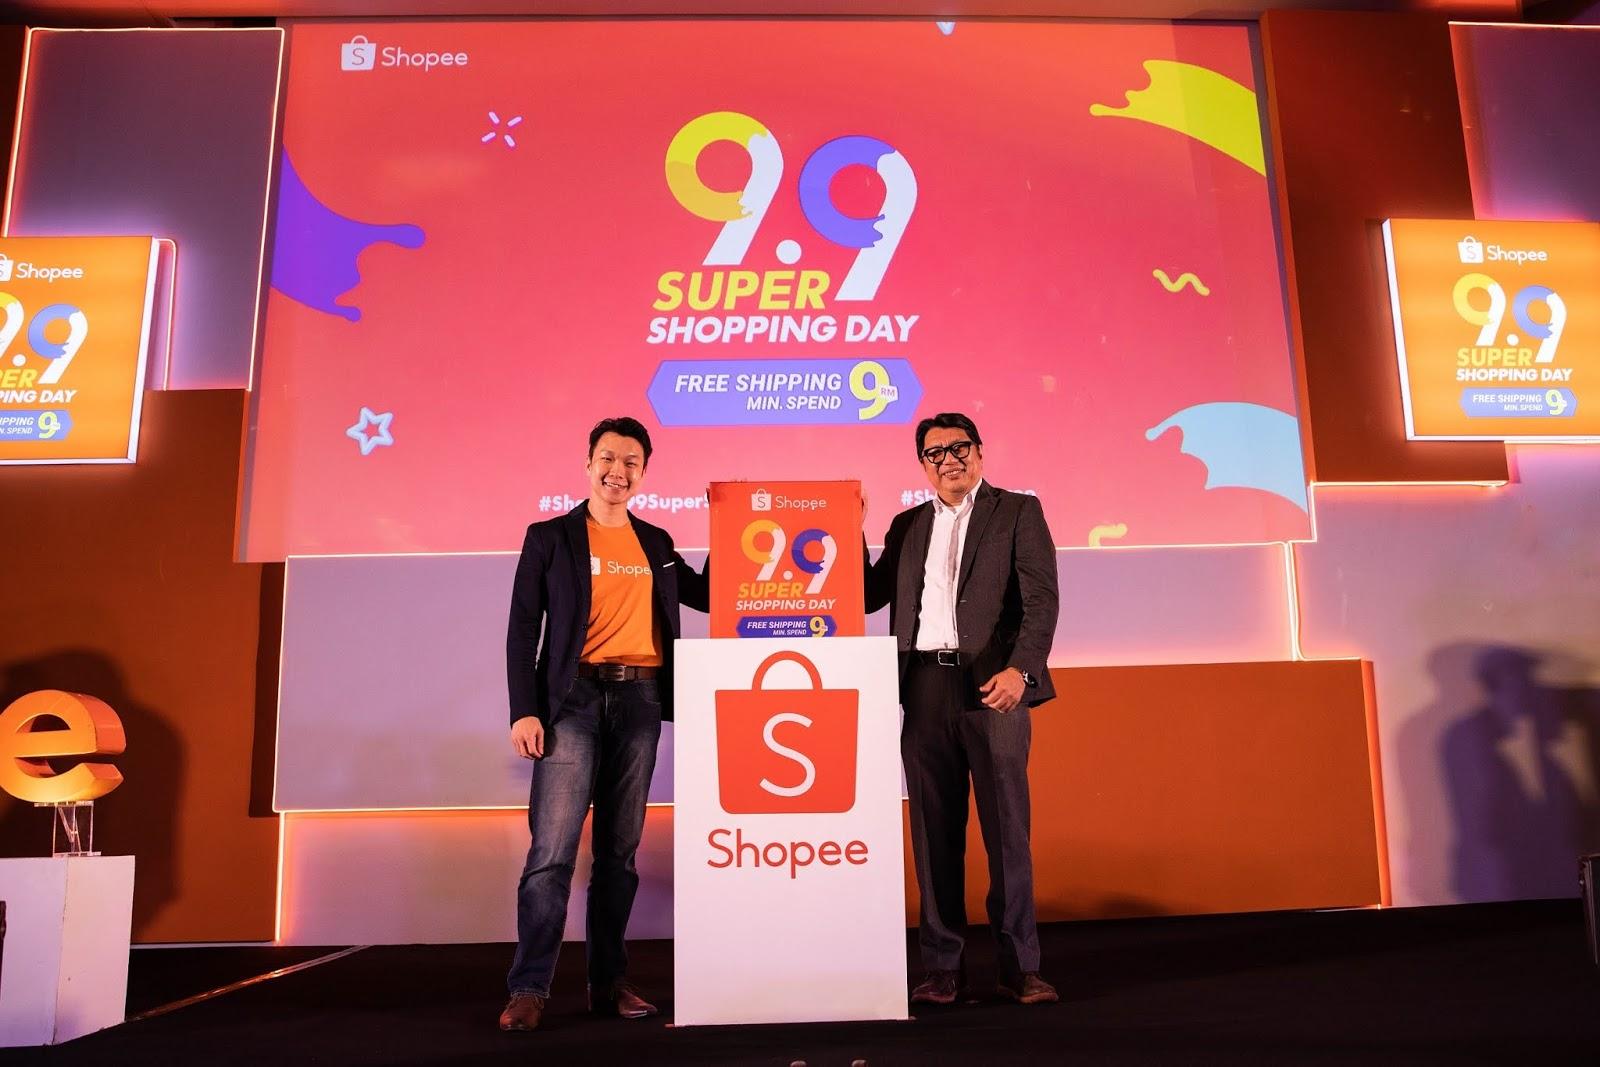 Shopee Sahut Seruan Untuk Kurangkan Kos Sara Hidup Dengan 9.9 Super Shopping Day